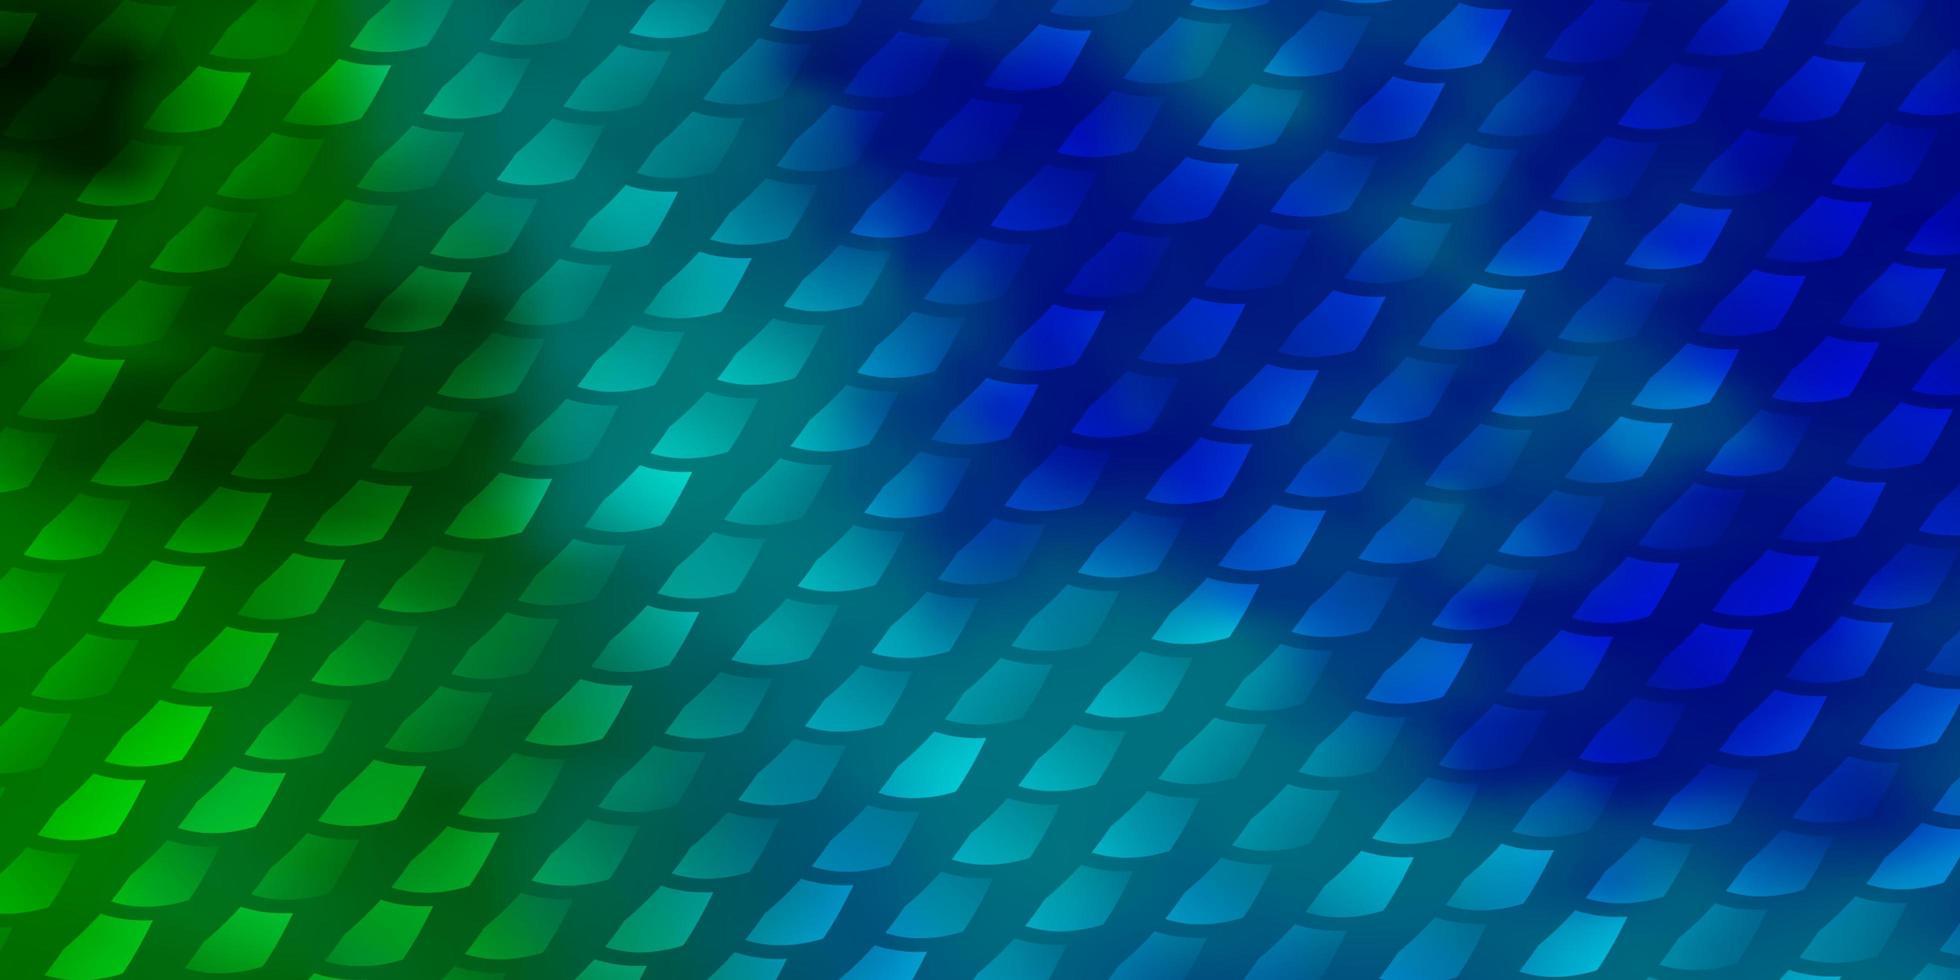 modèle vectoriel bleu clair, vert dans un style carré.